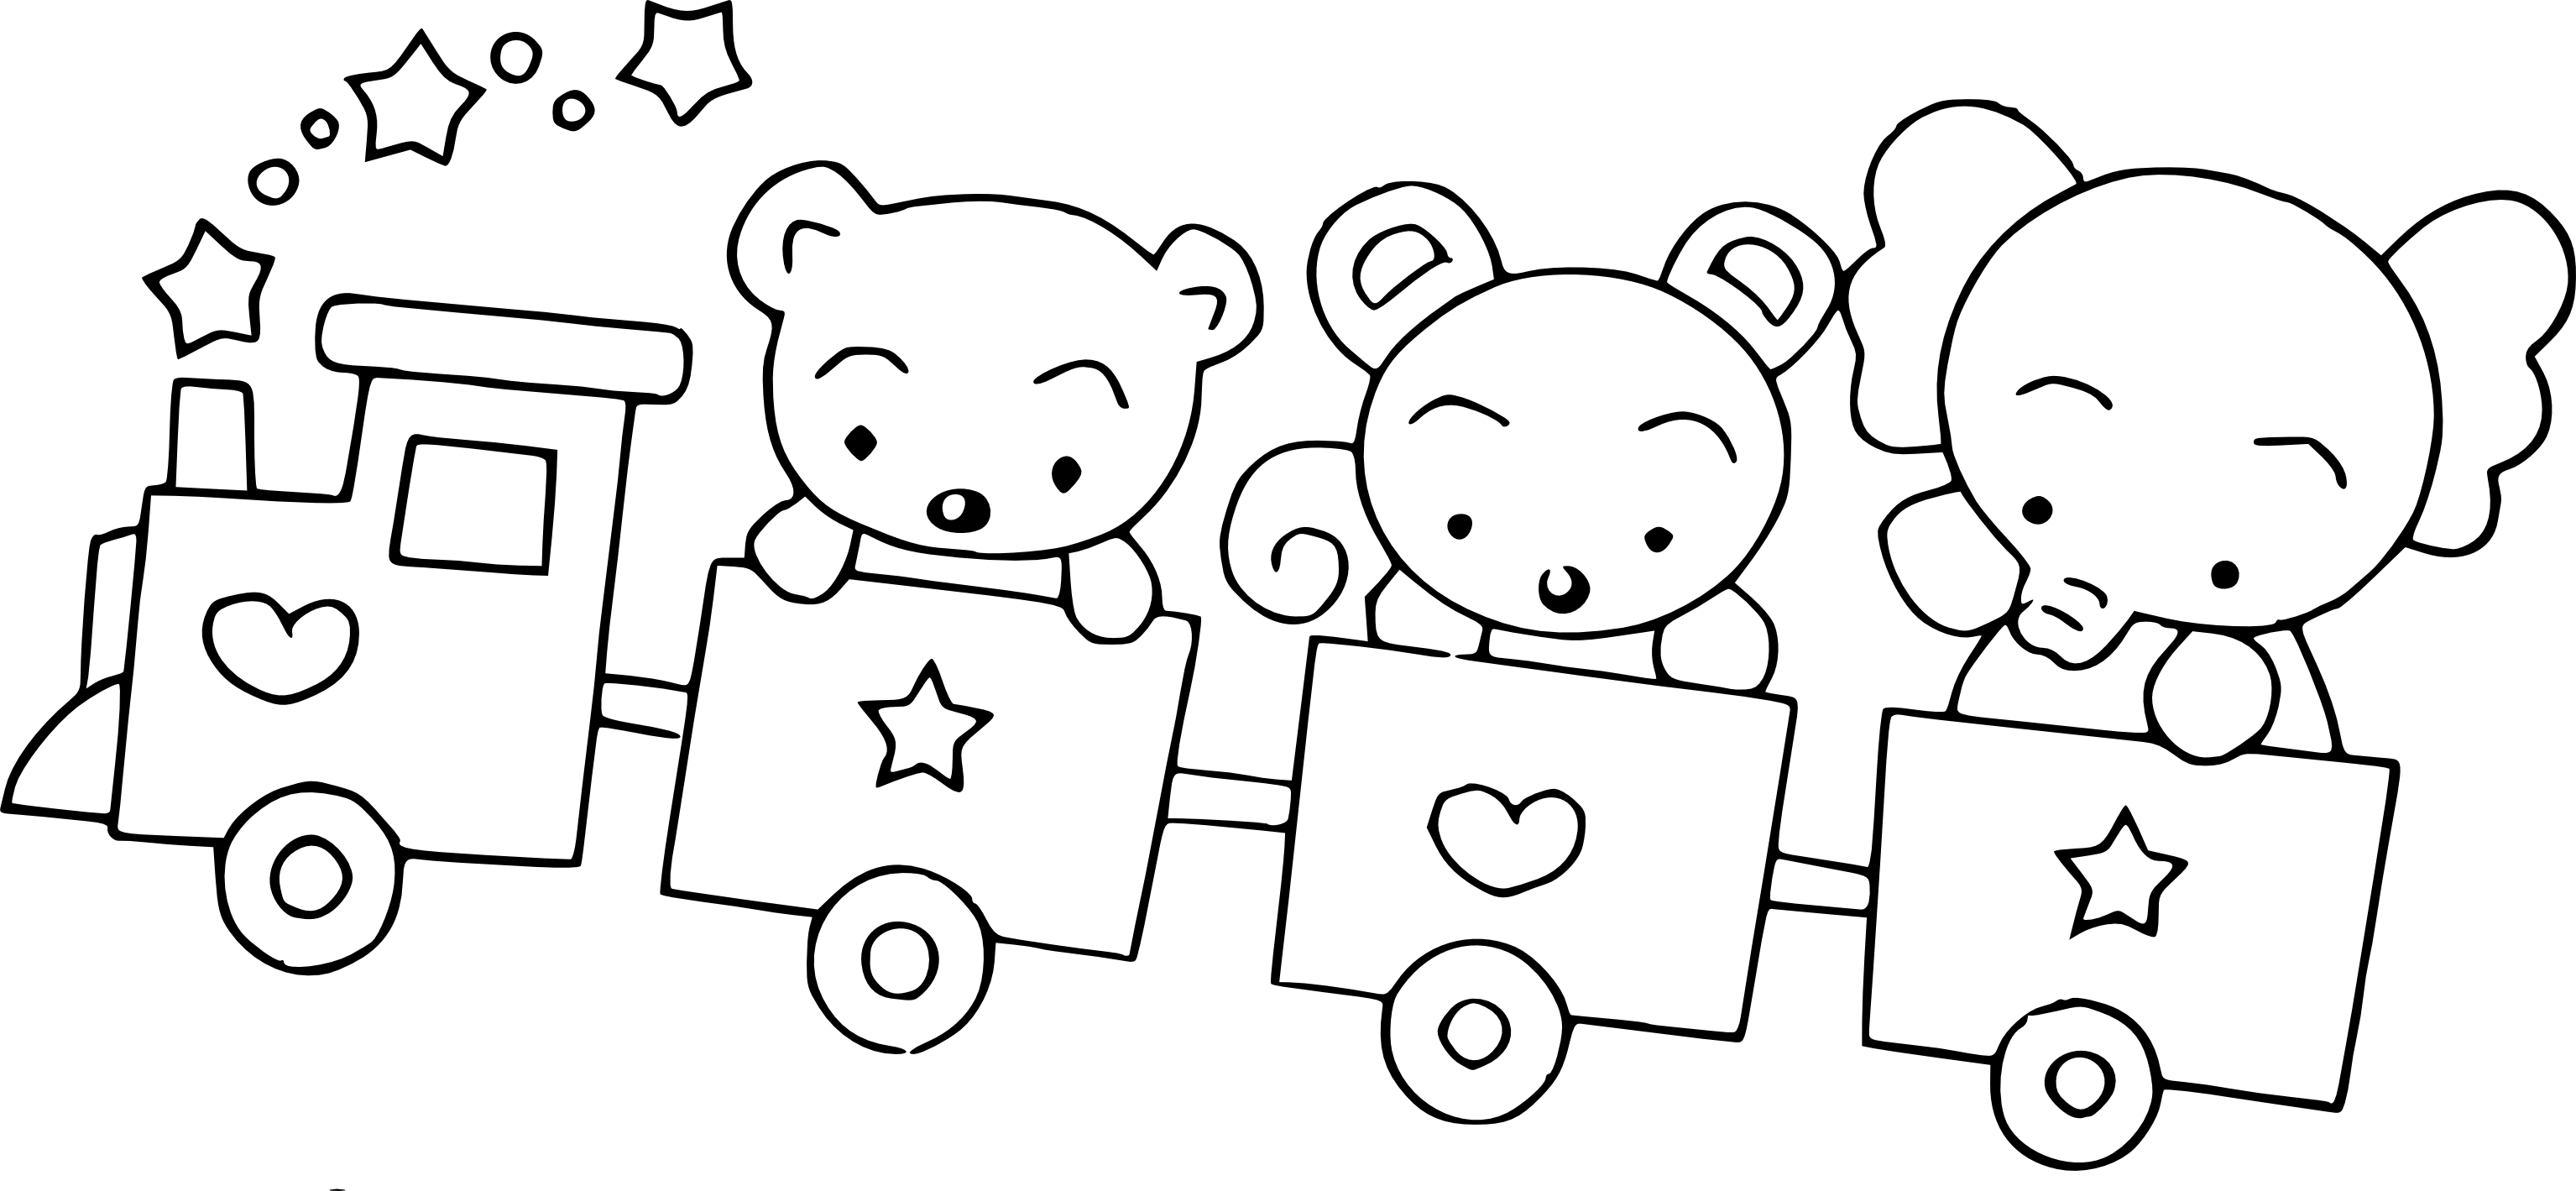 Coloriage wagon et ours imprimer - Coloriage de ours ...